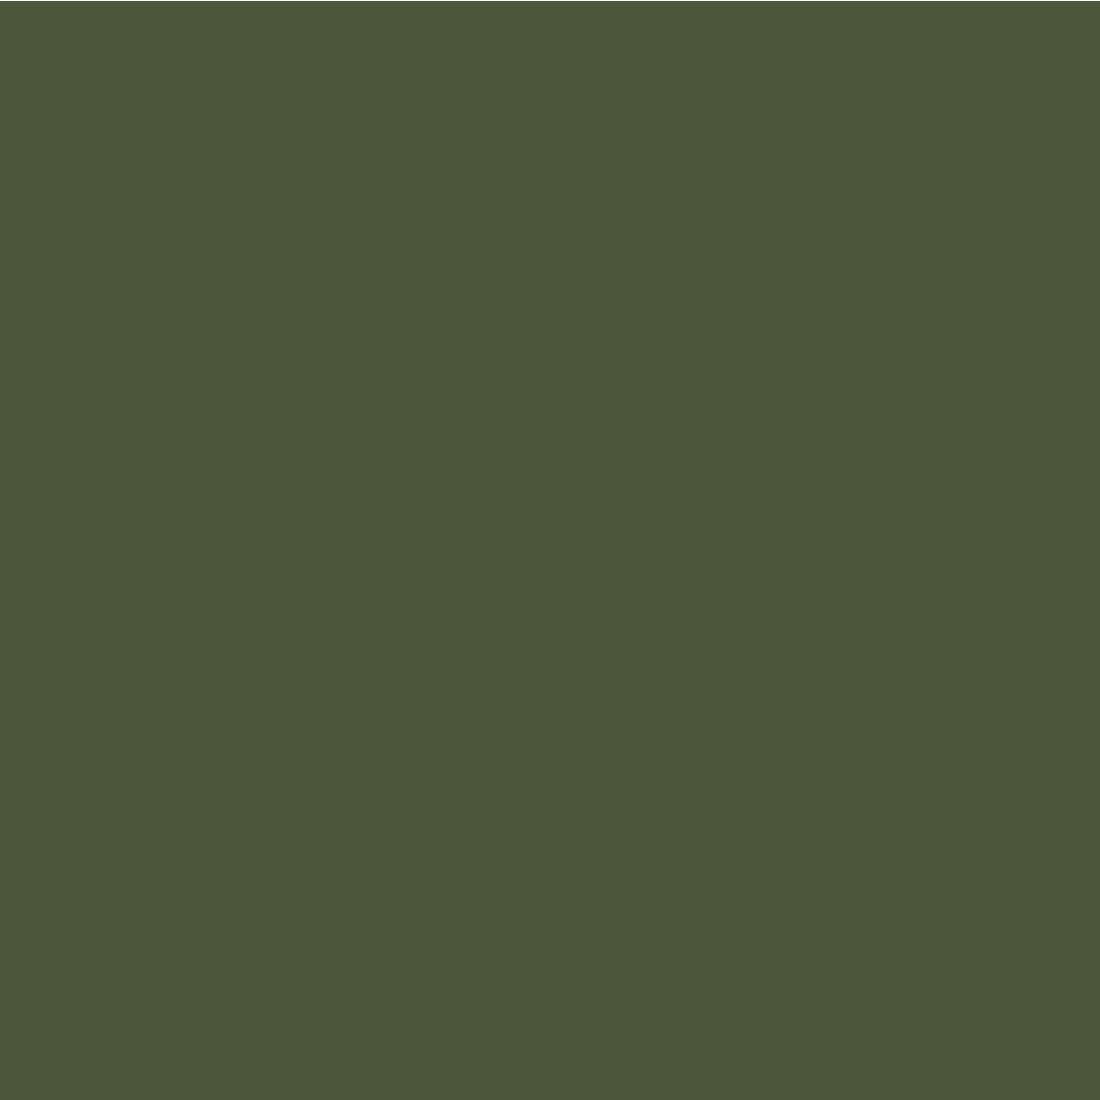 Pastilha Tecnogres 10 x 10 Verde Escuro Brilhante Ref BR10150